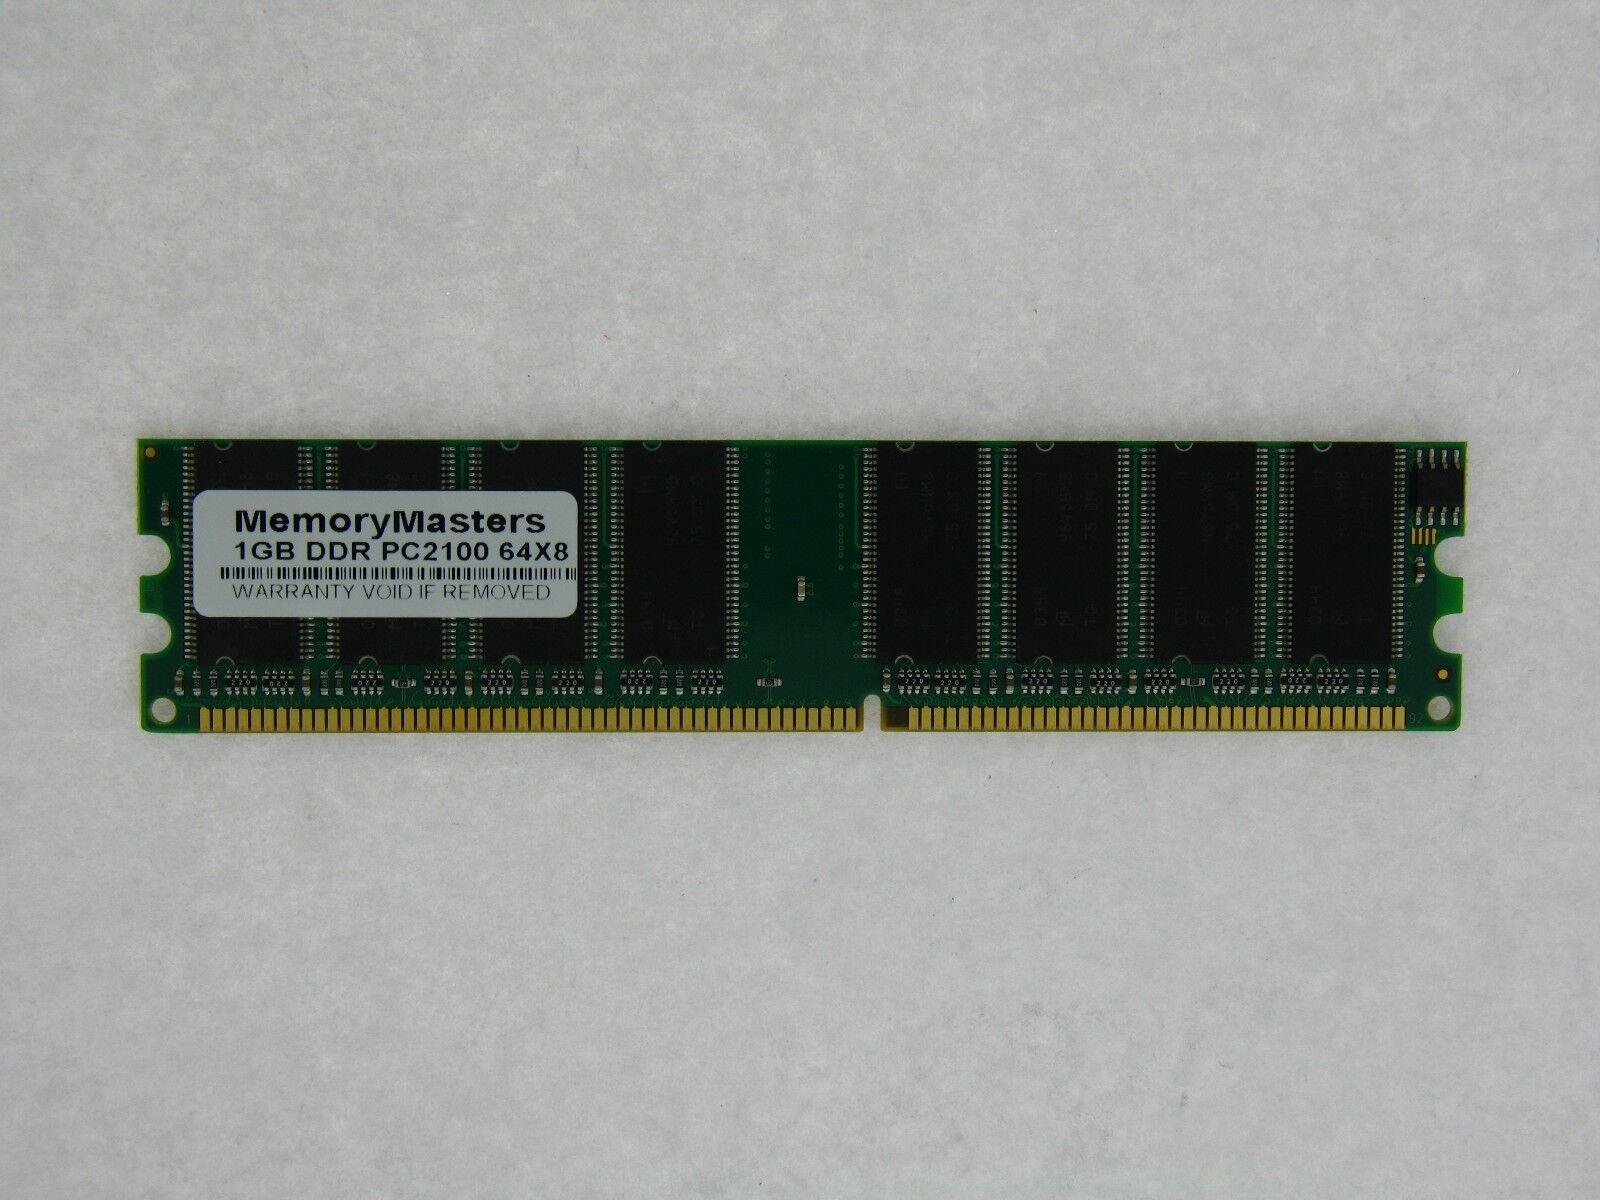 Acer AcerPower F2b 64Bit